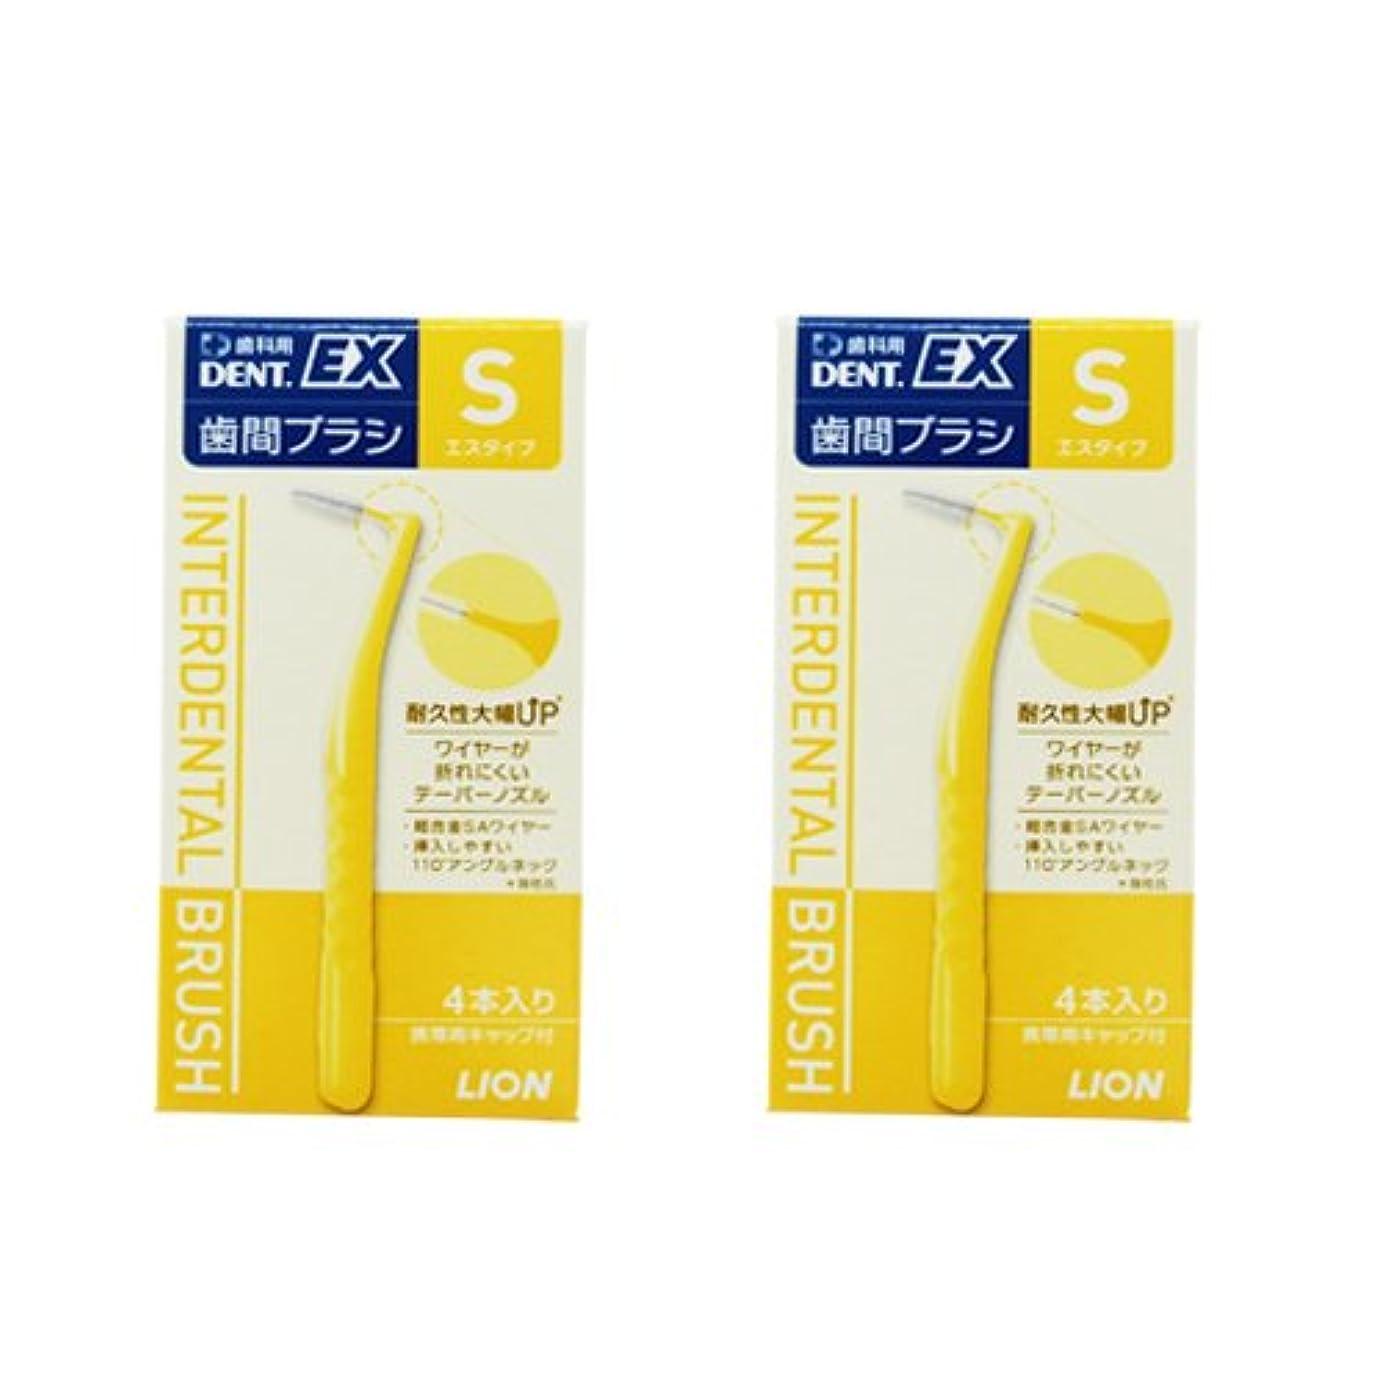 ヘッジ鎮痛剤カスケードライオン DENT.EX 歯間ブラシ 4本入 ×2 個 (S(イエロー))